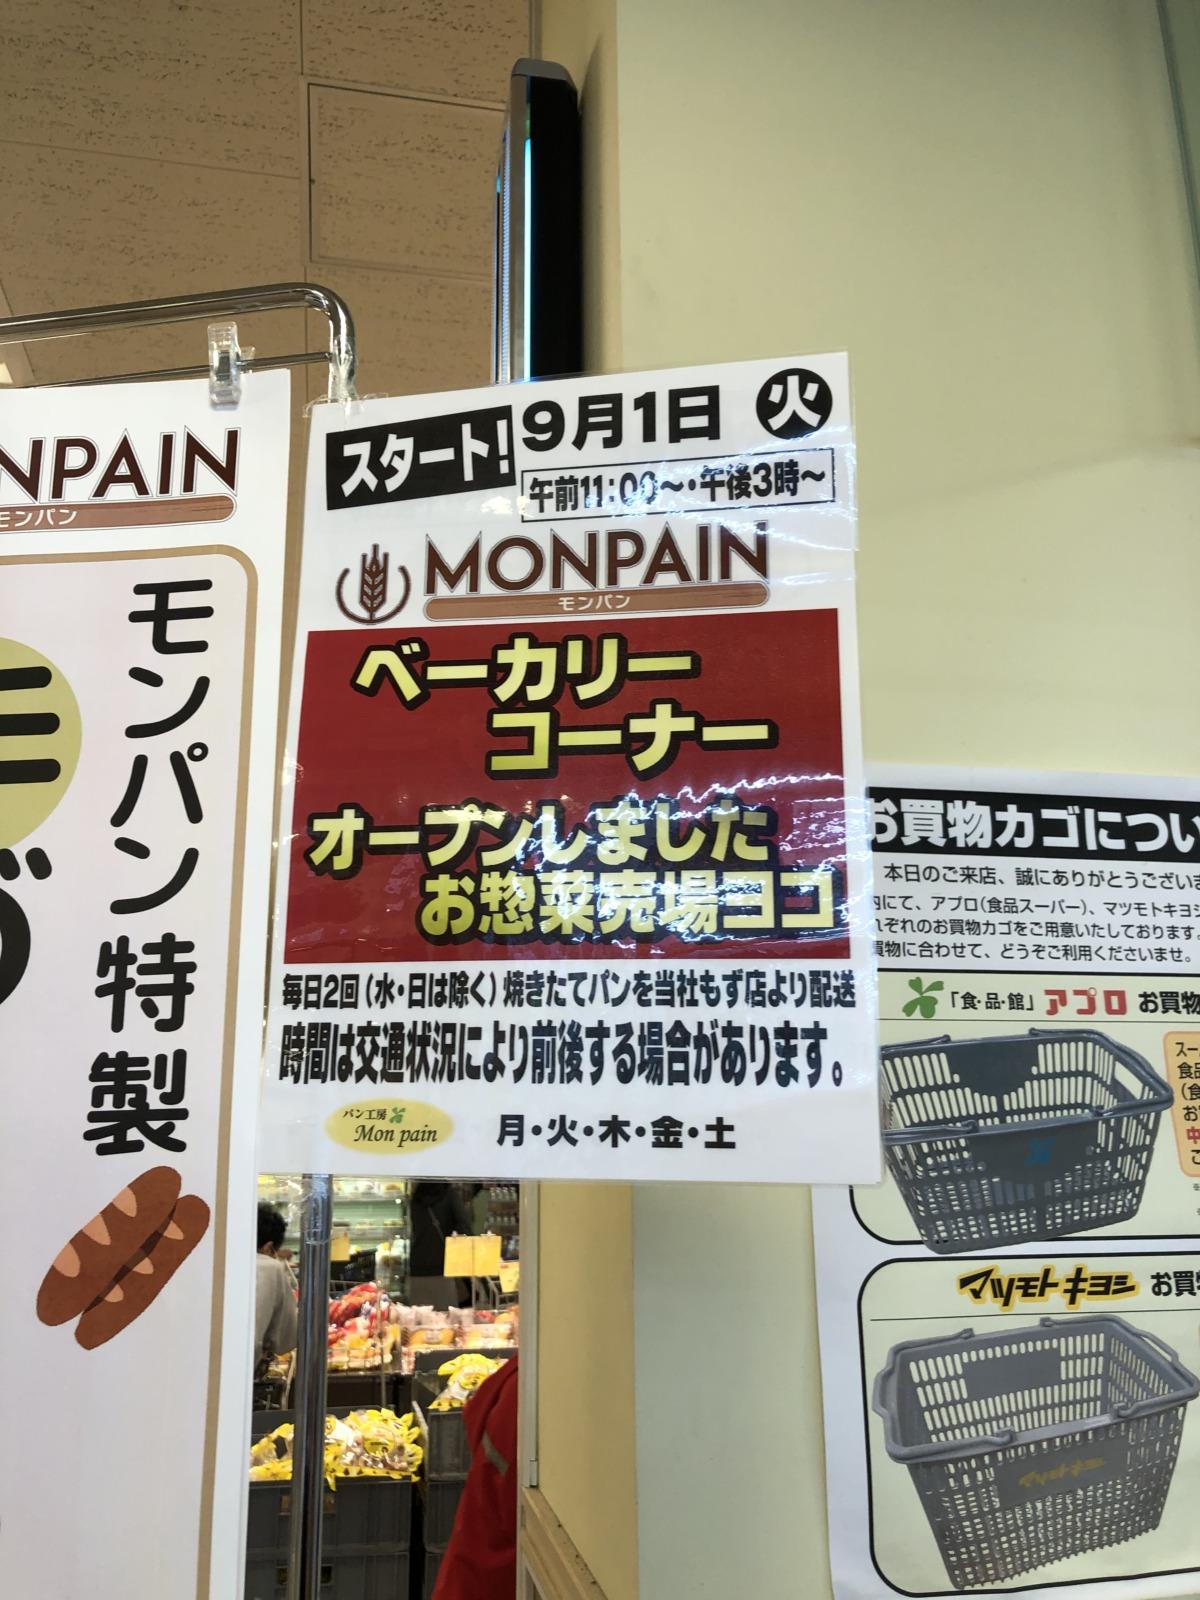 【2020.9/1オープンしました】堺市北区の「アプロ浅香山店」にベーカリーコーナー『モンパン特製手づくりパン』ができているよ!!: